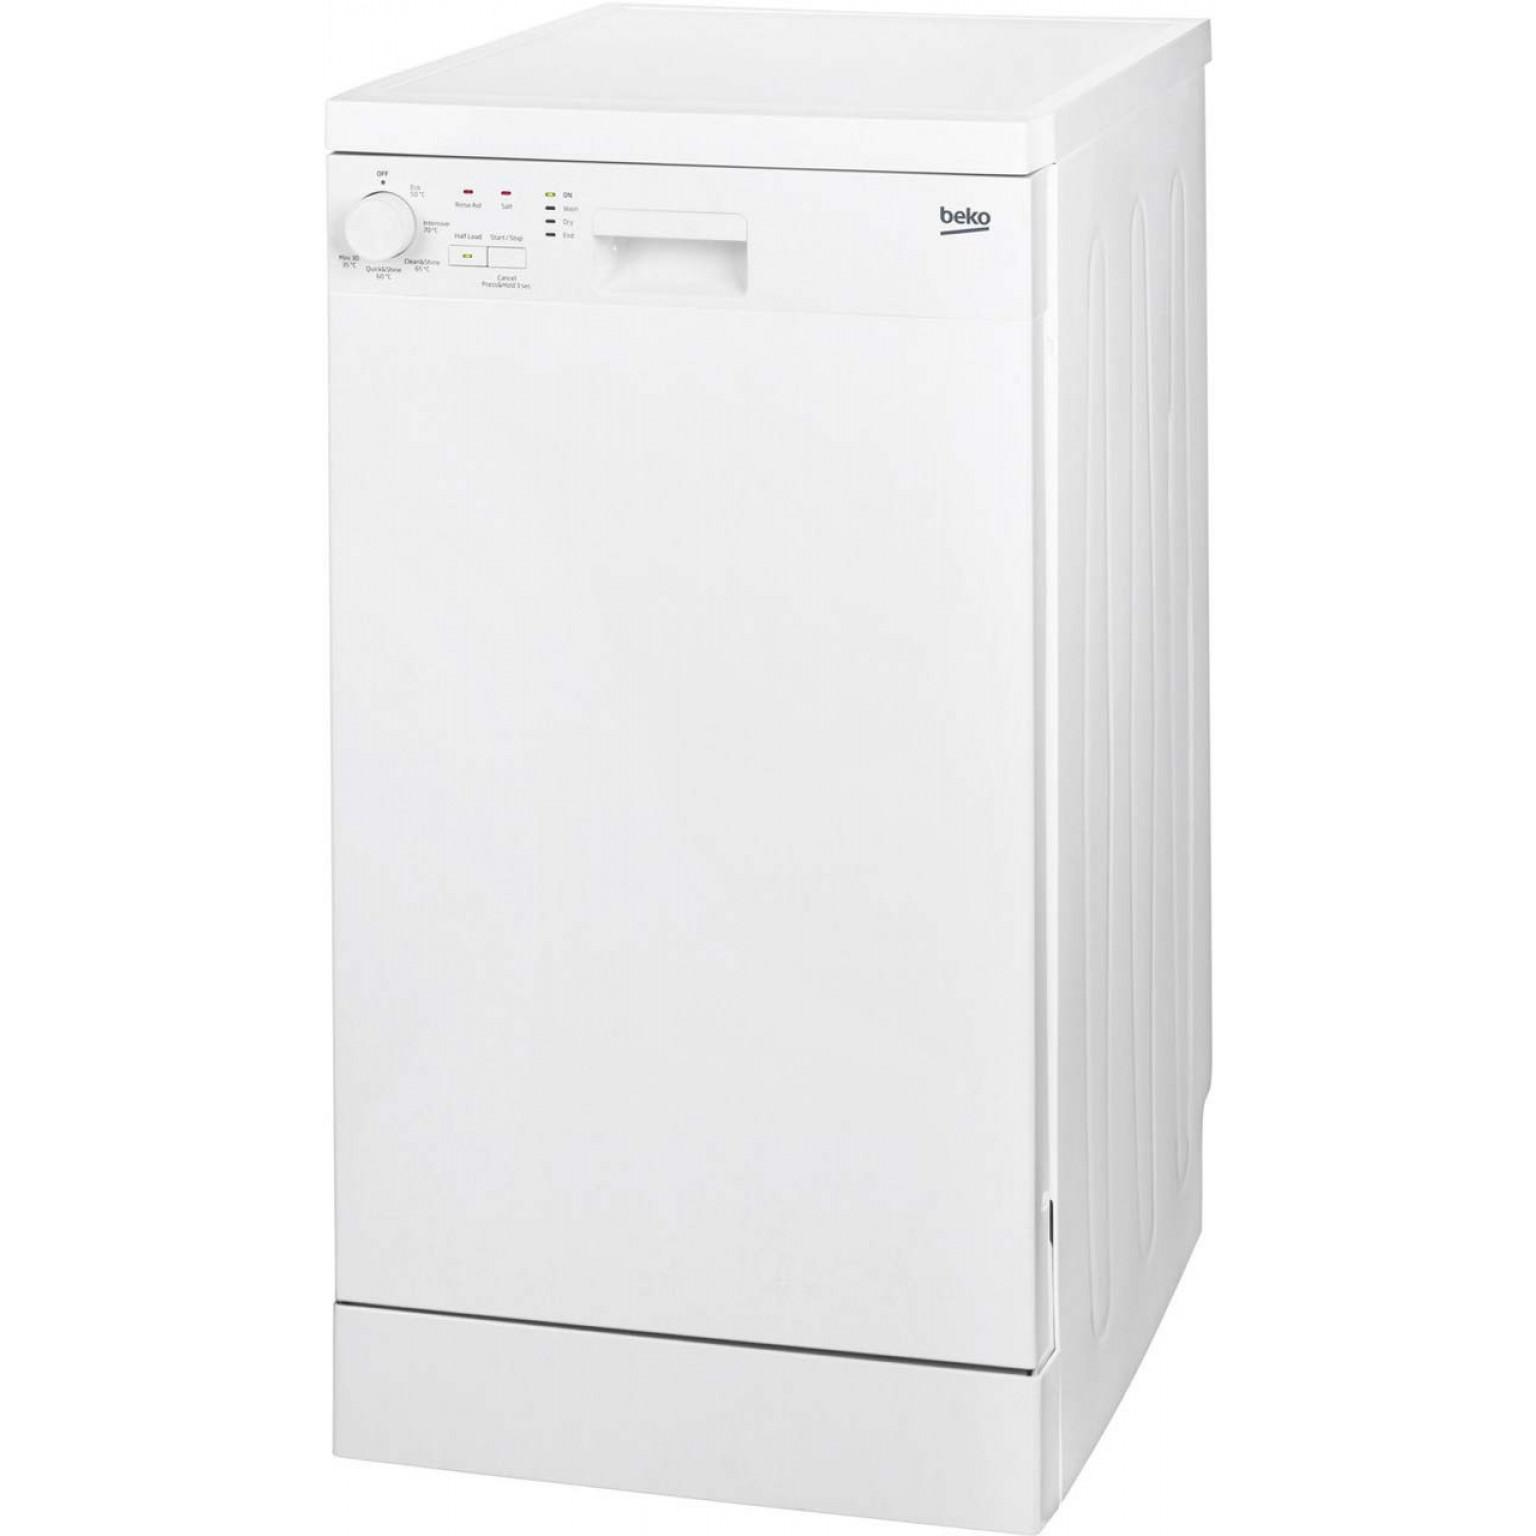 Beko Slimline Dishwasher | DFS04010W